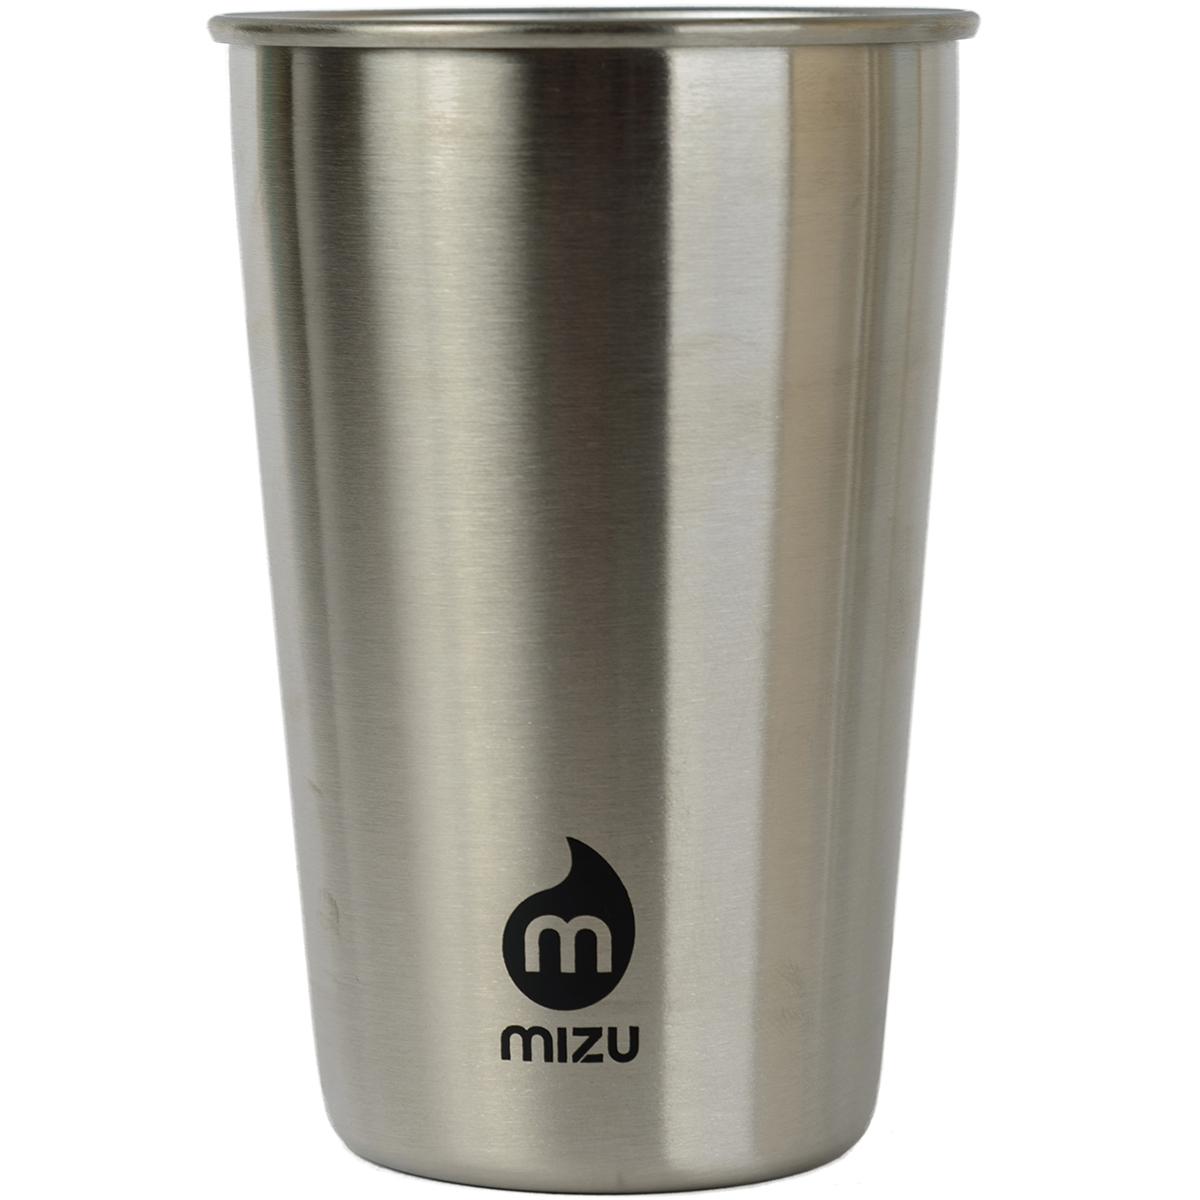 Набор стаканов Mizu PARTY, цвет: глянцево черный, 480 млW01AMZAPCSNSНабор для вечеринки от Mizu. Такие стаканы можно использовать как и в походе, так и в домашних условиях - приятная обтекаемая форма и лаконичный дизайн. В комплекте 2 стакана. Объем: 480 мл , Диаметр: 8,5 см, Высота: 17 см